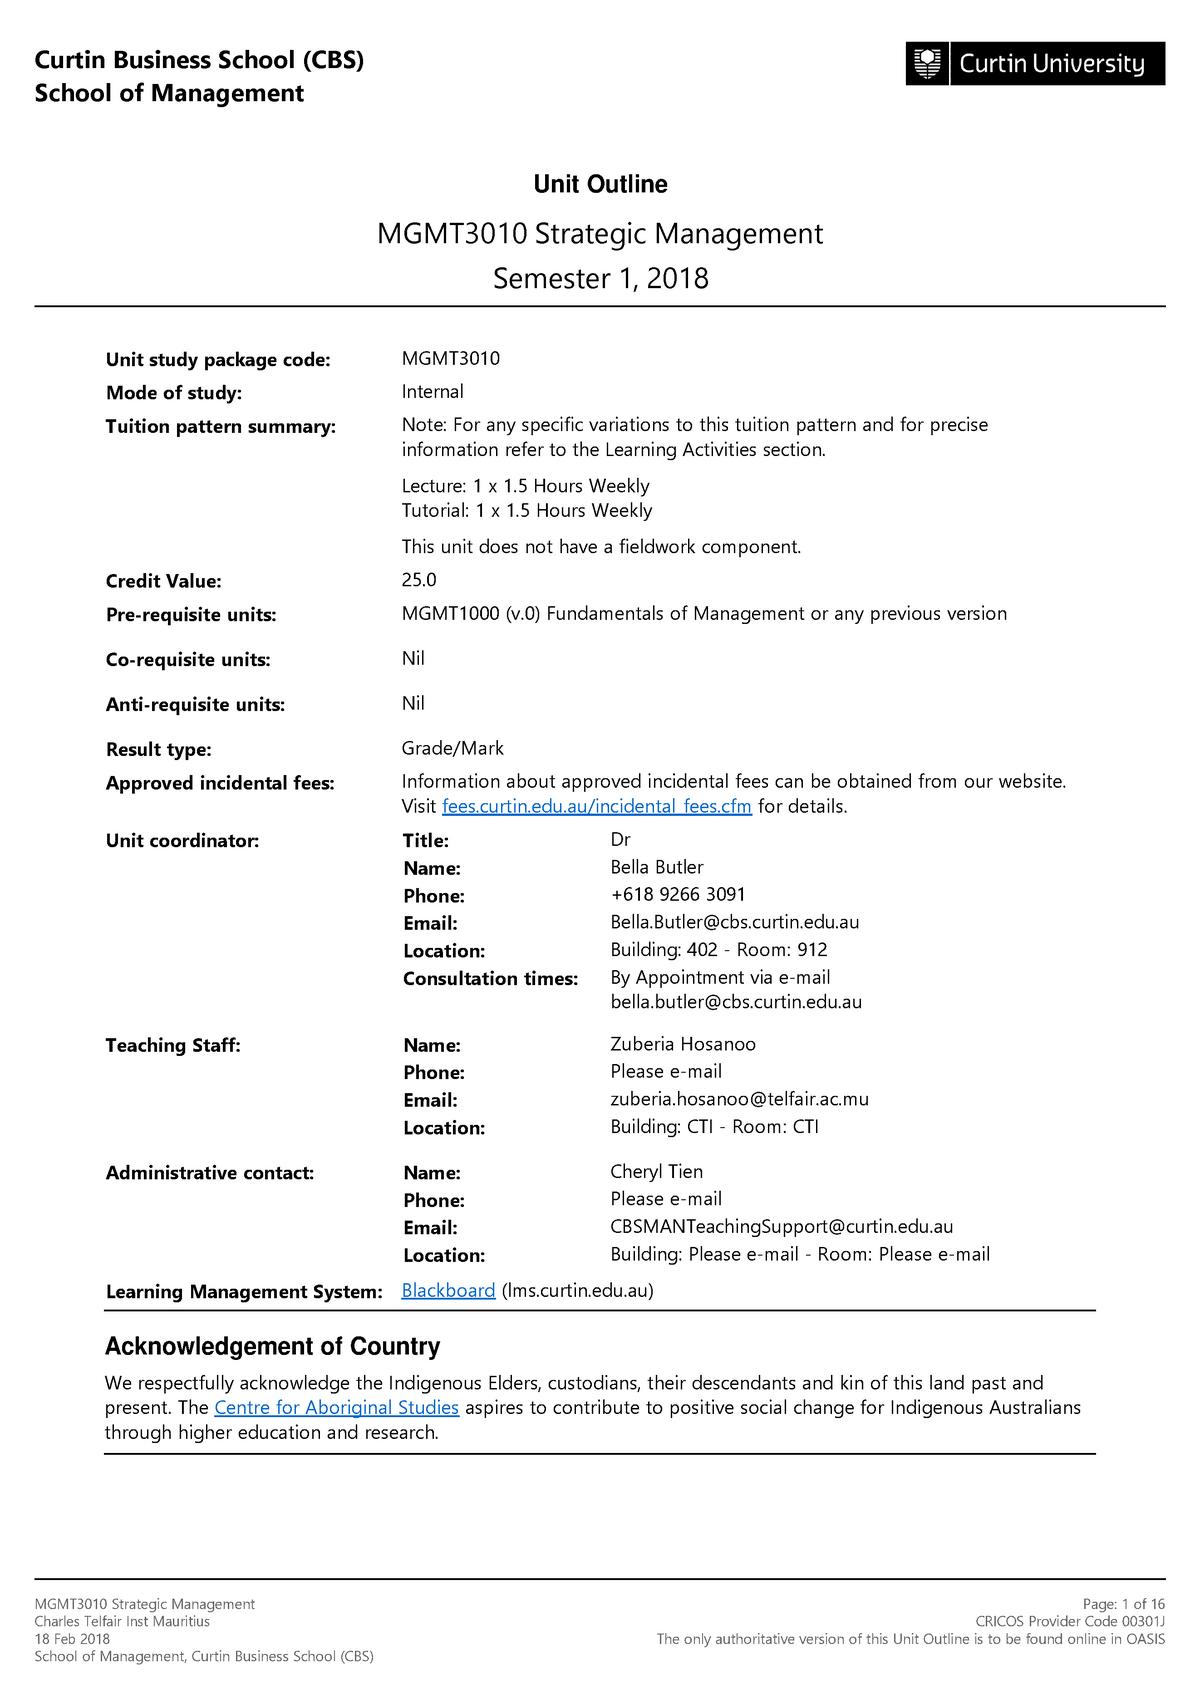 MGMT3010 Strategic Management Semester 1 2018 Charles Telfair Inst